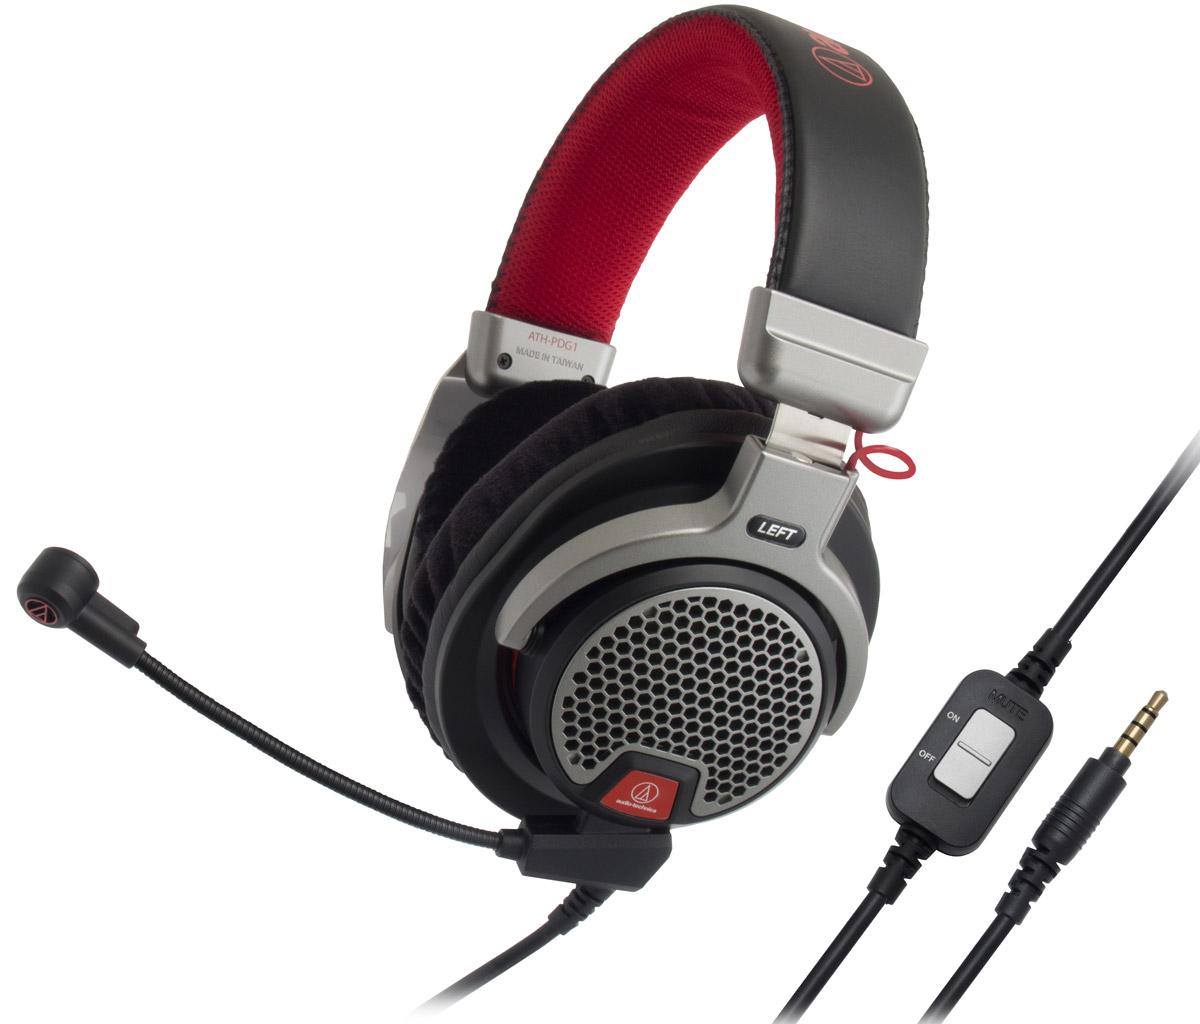 Audio-Technica ATH-PDG1 игровые наушники15118121Audio-Technica ATH-PDG1 – домашняя гарнитура премиум-класса открытого типа, предназначенная для компьютерных игр, телефонии и прослушивания музыки. Данная модель разработана специально для матёрых геймеров, которые ценят натуралистичный звук и естественные ощущения. Большие 40-мм динамики со звуковыми катушками CCAW специально настроены на воспроизведение всех живых деталей звука, которые могут предложить сегодняшние игры. Лёгкий, ячеистый алюминиевый корпус наушников даёт естественный, объёмный звук и сохраняет комфорт даже при самом интенсивном ведении огня в играх благодаря мягким кожаным амбушюрам. Модель имеет съёмный кабель, в комплекте идут три шнура, в том числе два с микрофонами: для смартфонов и для игр. Игровой микрофон обеспечивает кристально чистую голосовую связь с другими геймерами в игре, а пульт управления позволяет регулировать громкость. Невероятно живой звук Открытое акустическое оформление Лёгкая конструкция, удобное...